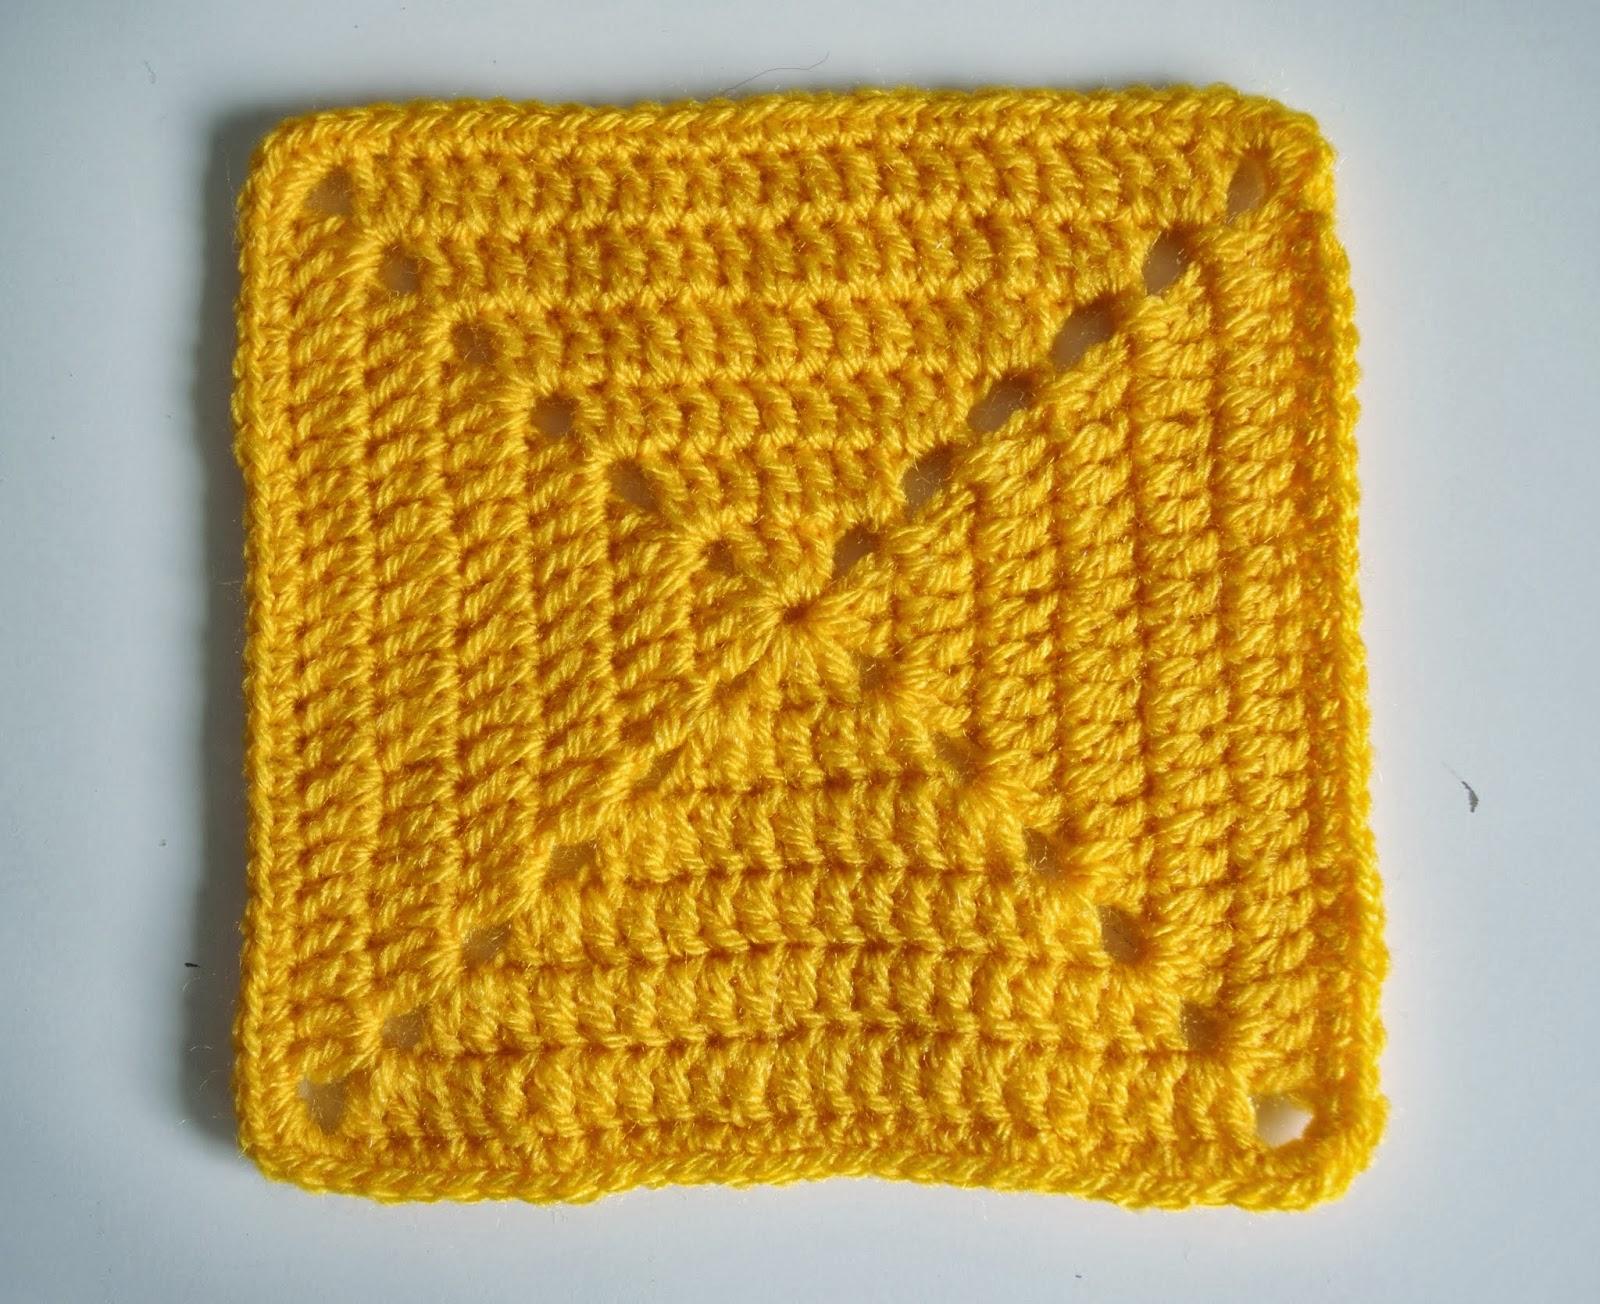 Betweenangel cuadrado de crochet - Cuadraditos de crochet ...